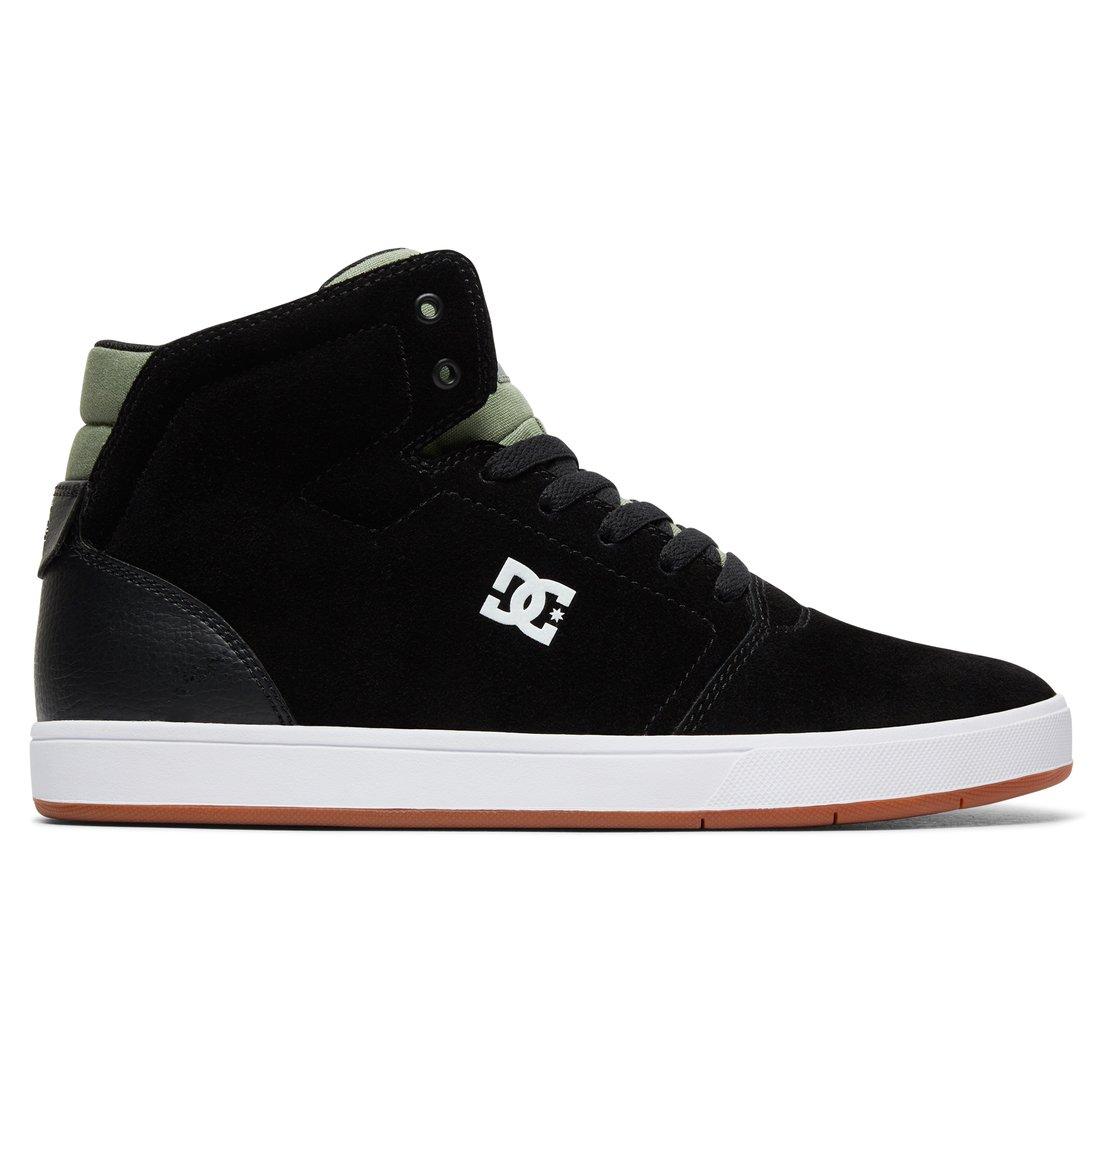 DC Shoes CRISIS HIGH WNT Noir / Gris cbJtR8F3o